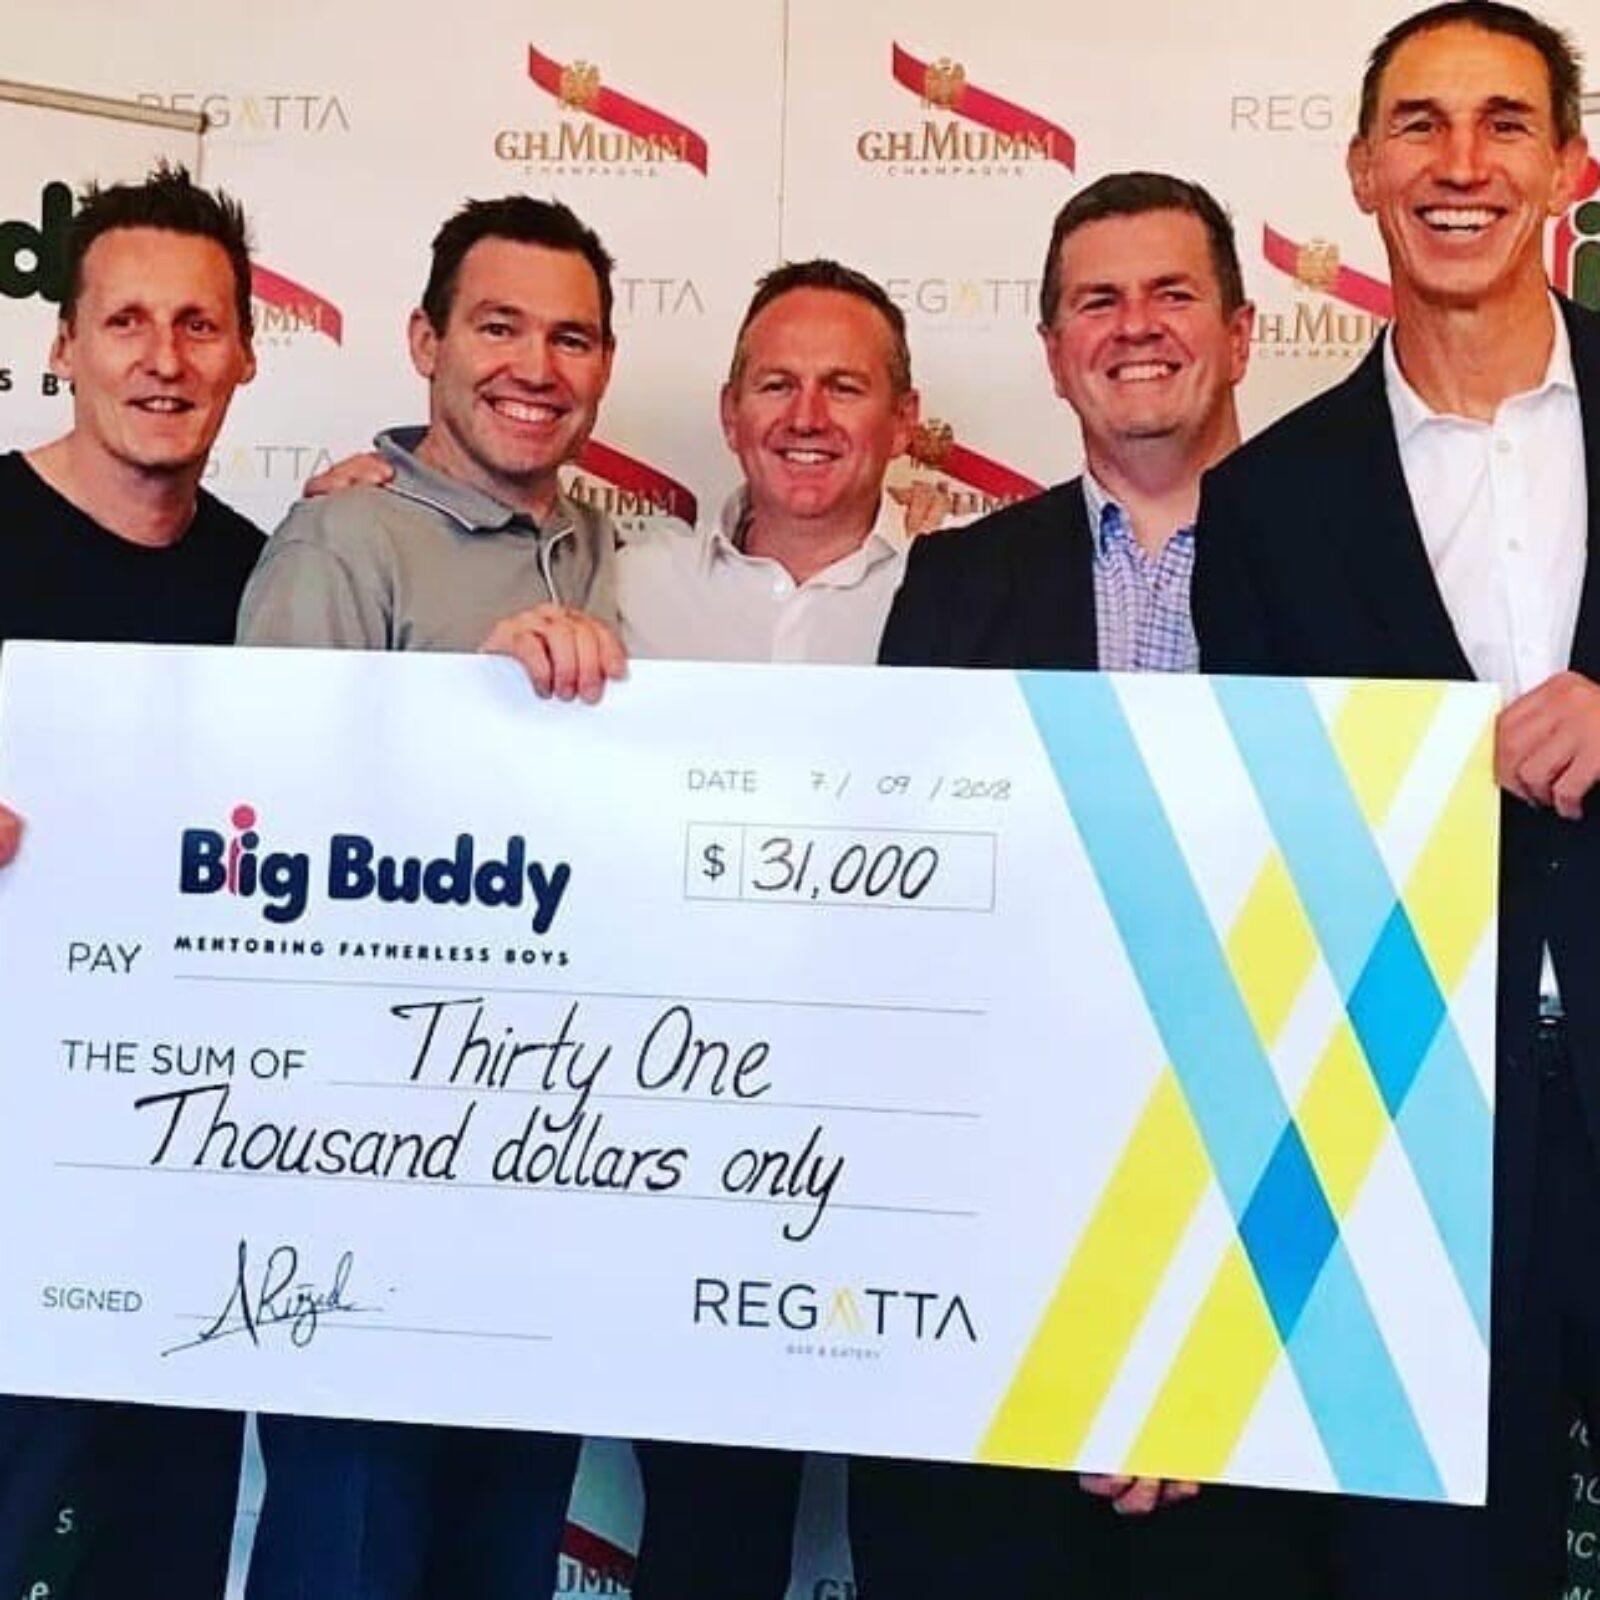 Big Buddy Charity Lunch